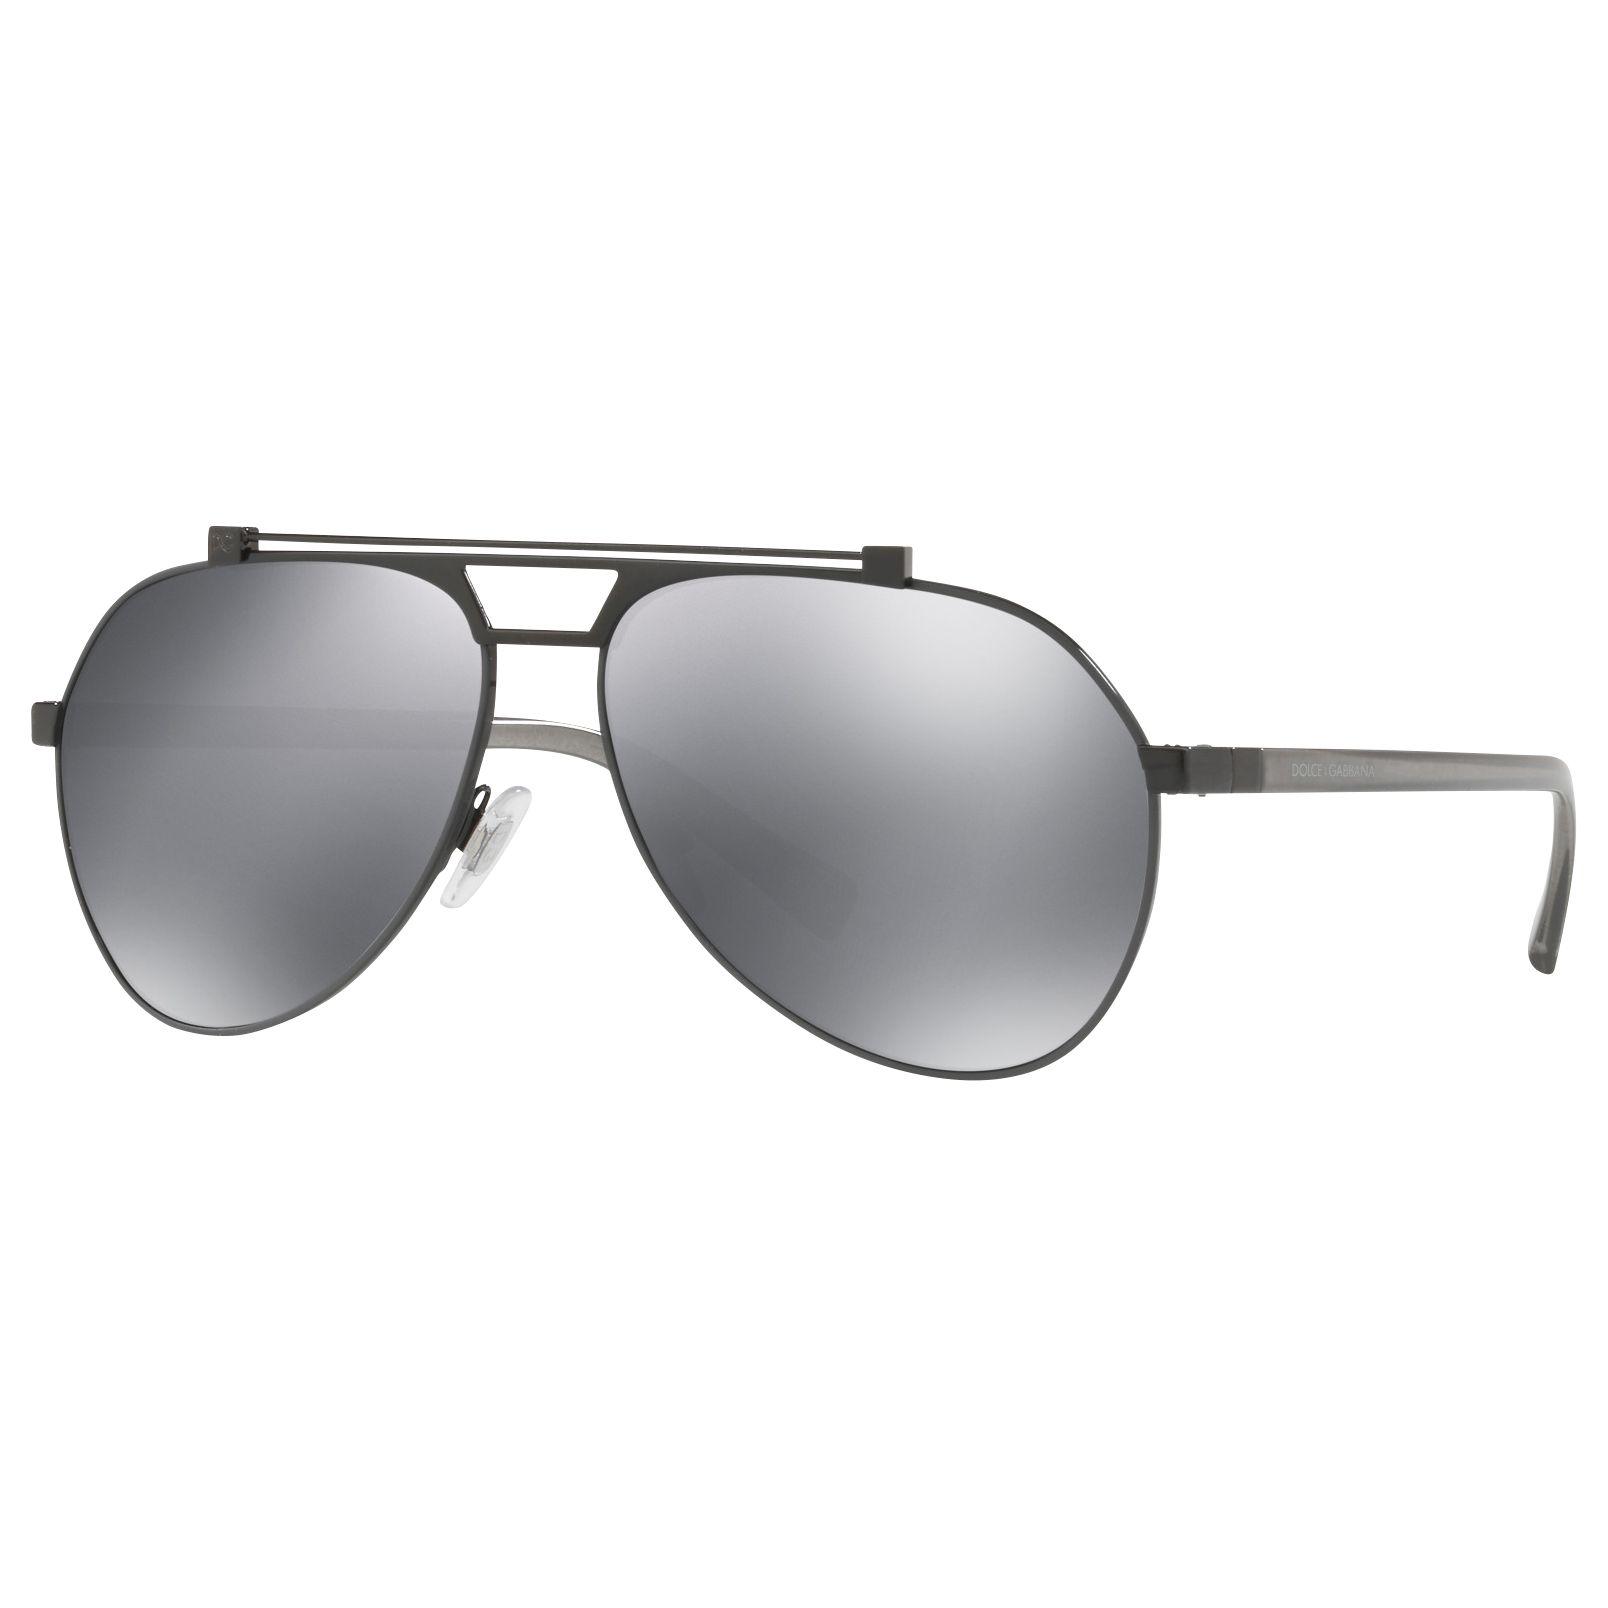 Dolce & Gabbana Dolce & Gabbana DG2189 Aviator Sunglasses